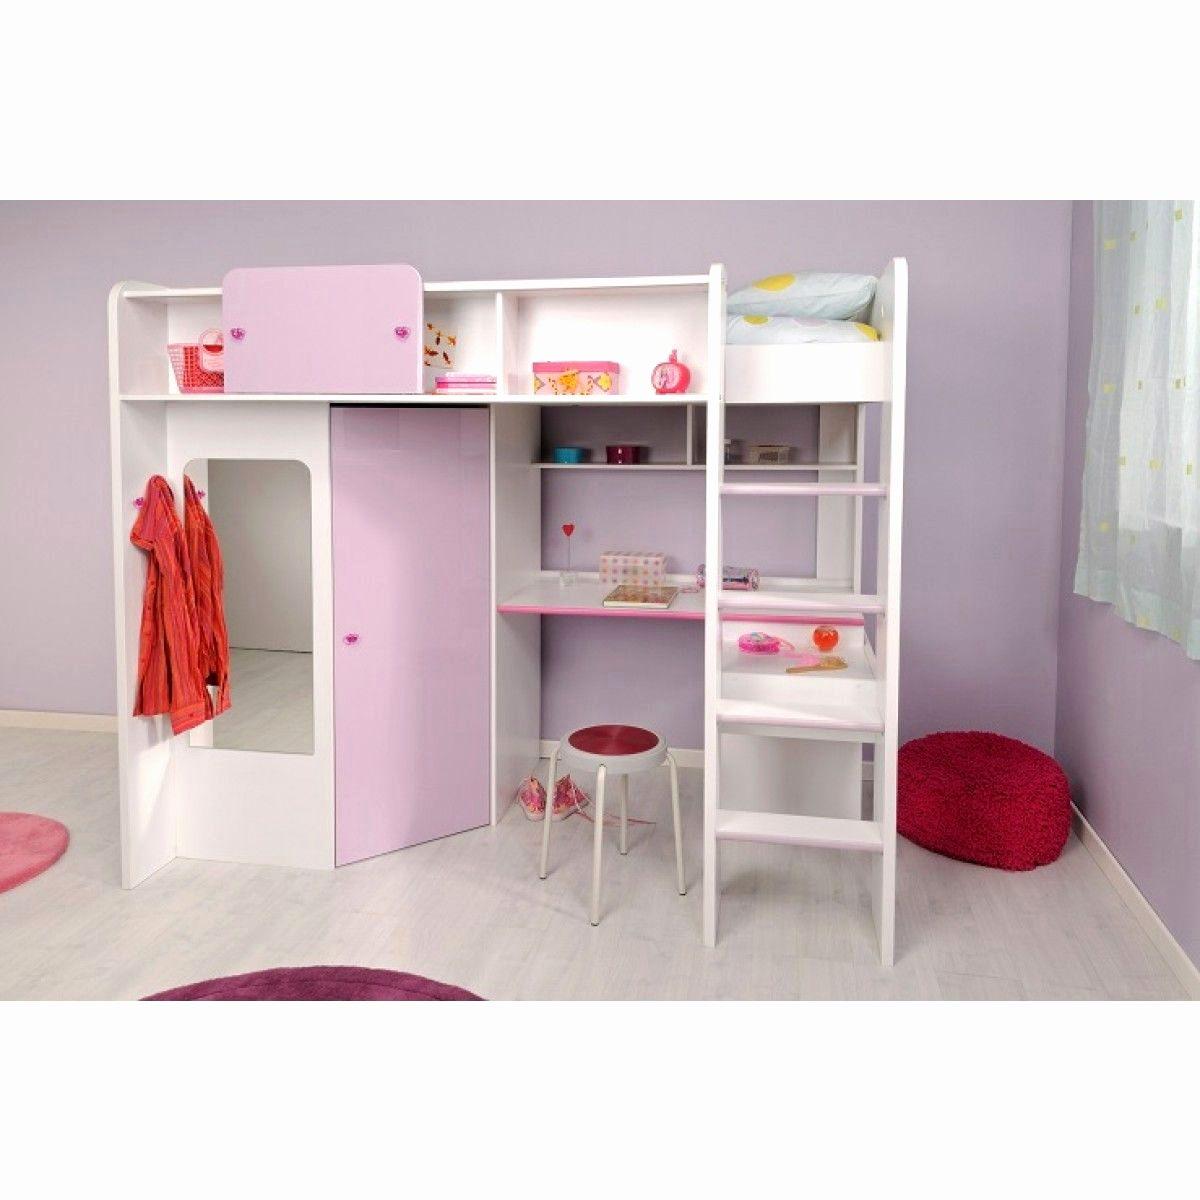 Ikea Lit Rangement Inspiré Lit Mezzanine Avec Rangement Beau Lit Ikea Deux Places Place Avec